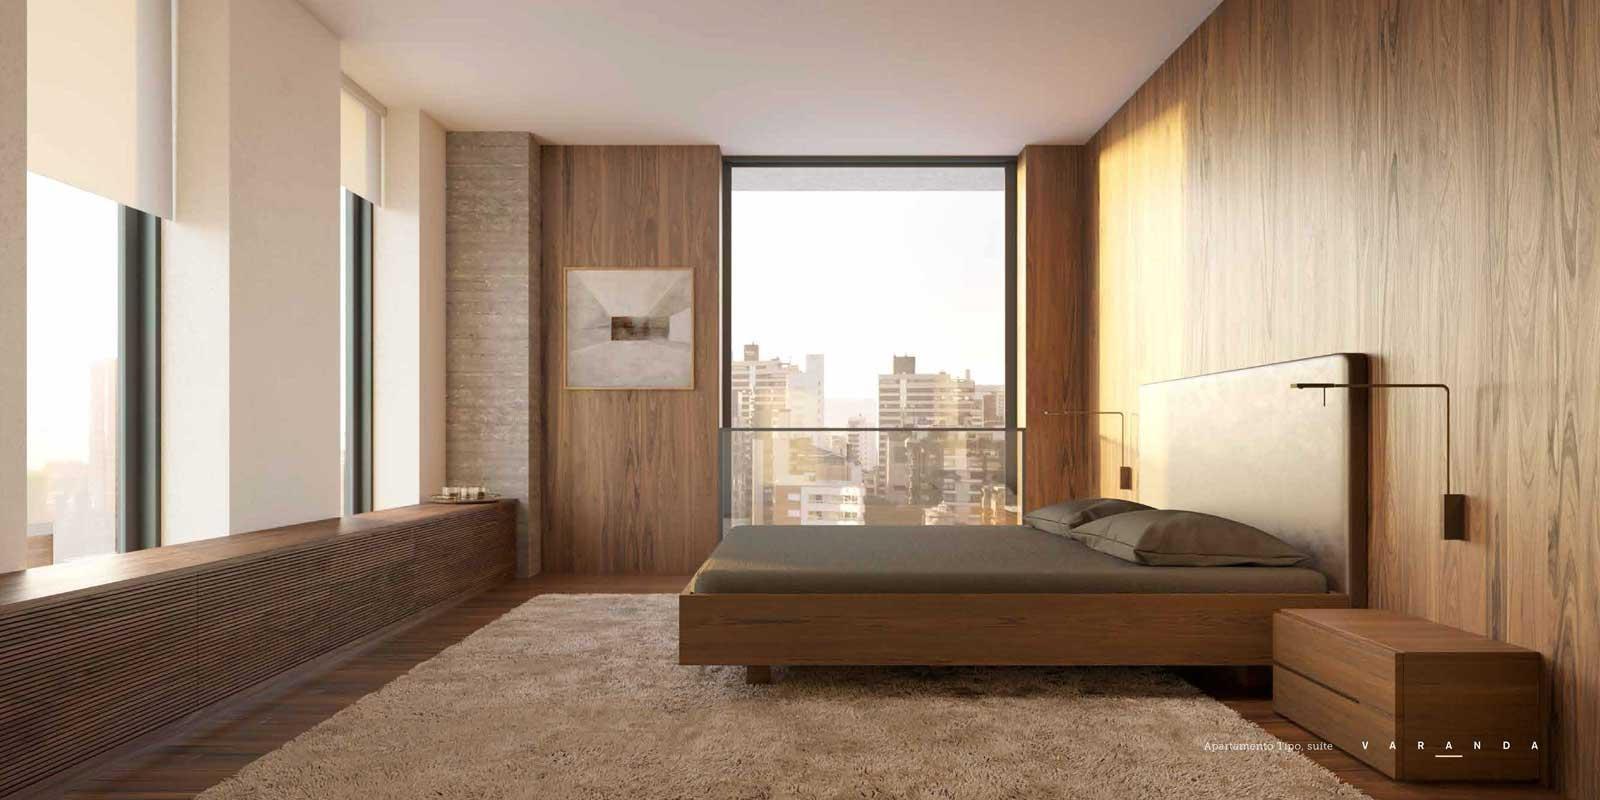 TPS Imóveis - Veja Foto 18 de 40 do Apartamento com 3 Suites no bairro Petrópolis, Porto Alegre